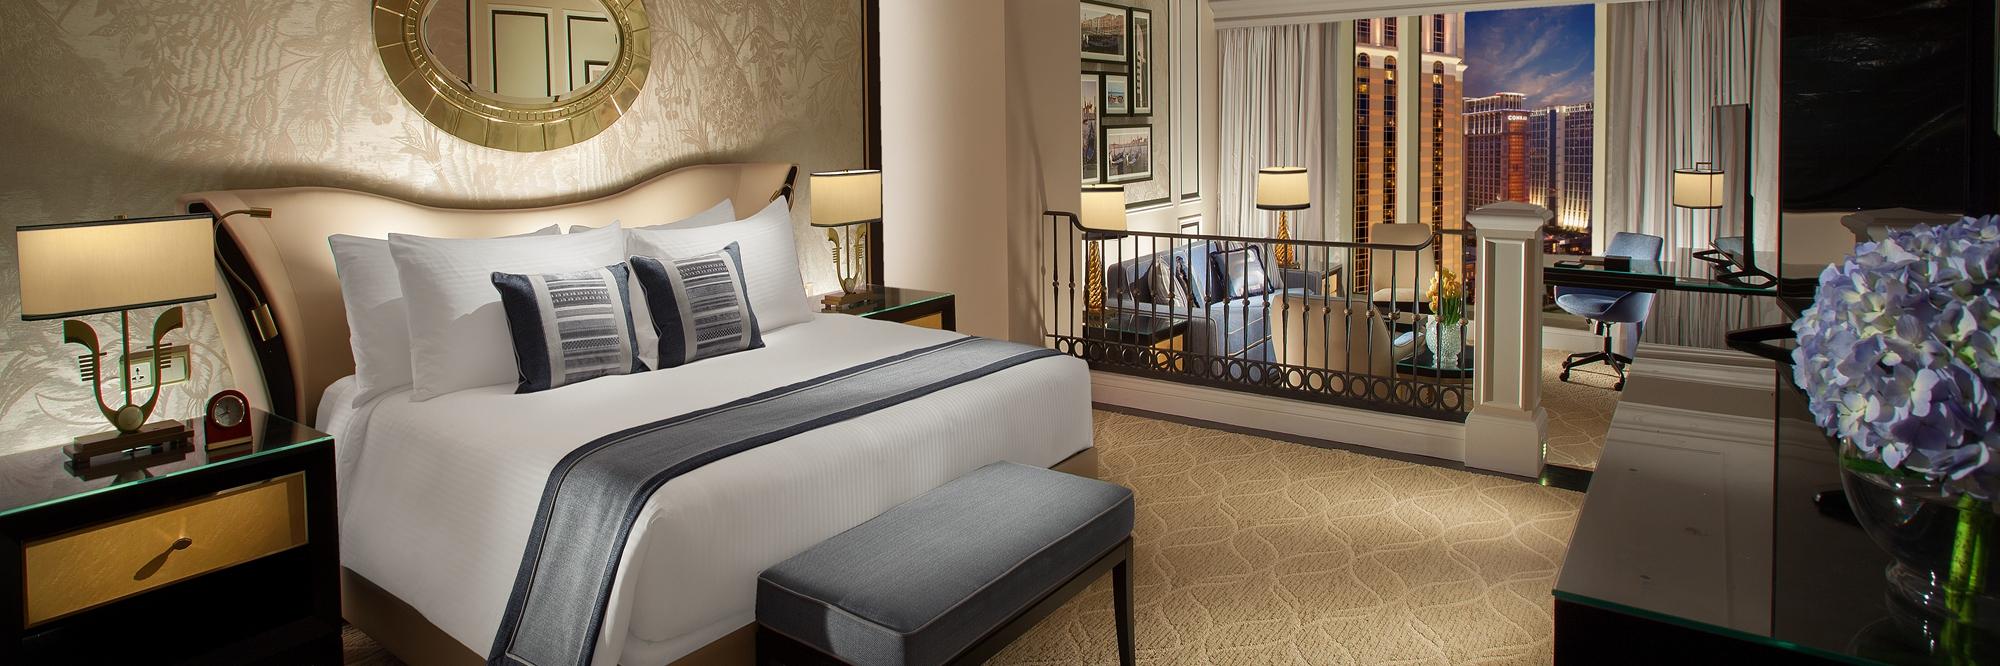 Macau Venetian Hotel Royale Suites Room